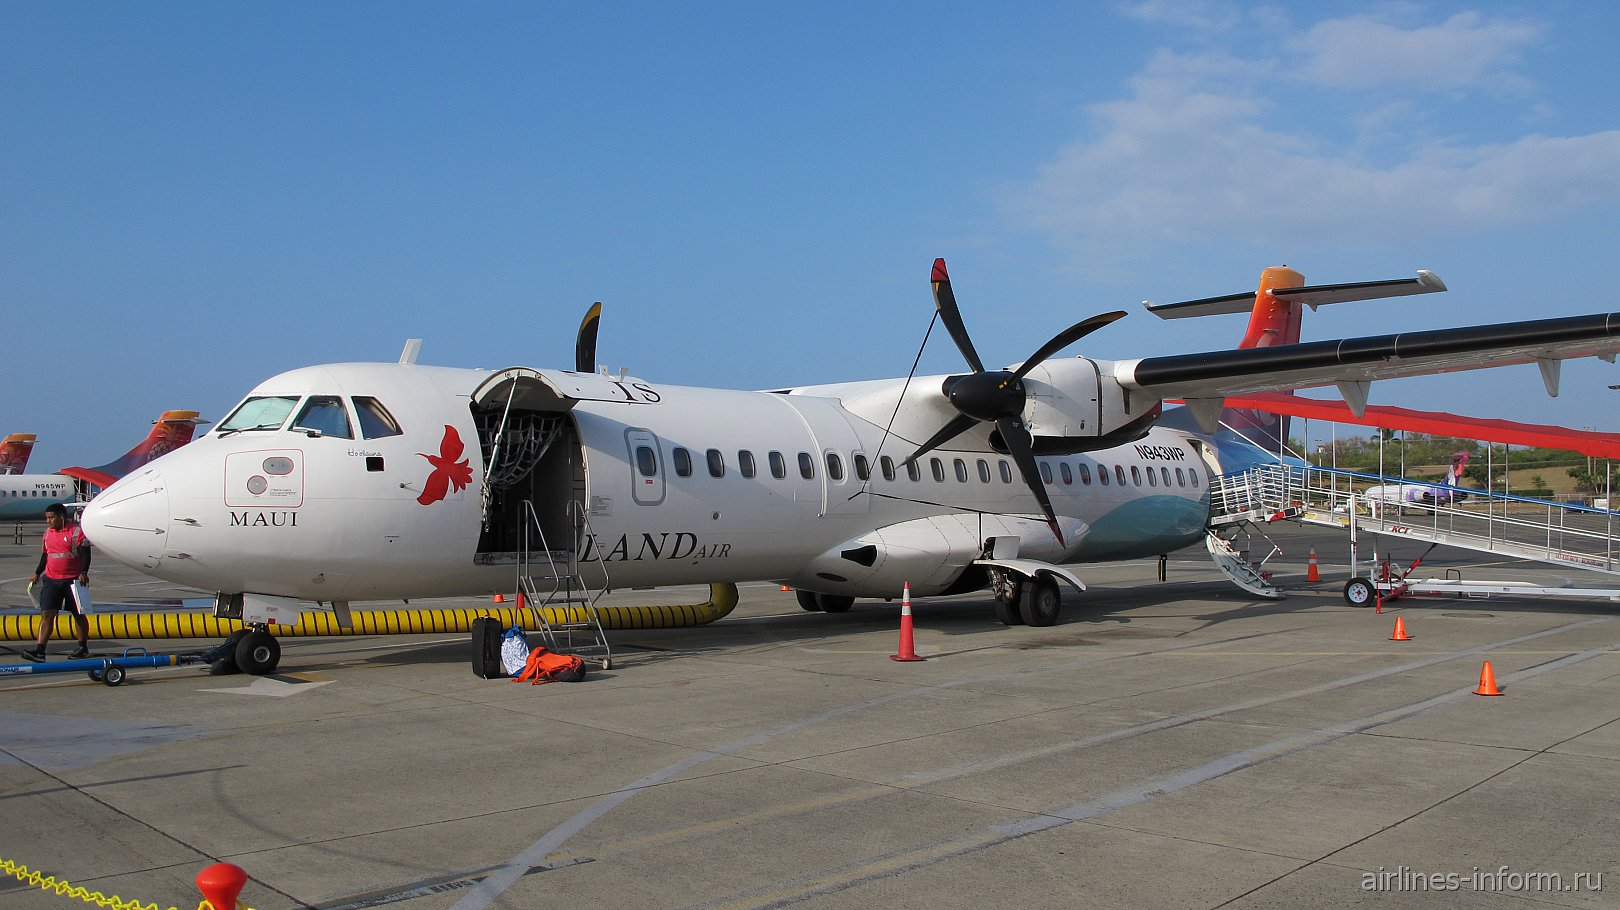 Гавайская заметка № 1. Остров Оаху (Гонолулу) – остров Кауаи (Лихуэ) с Island Air